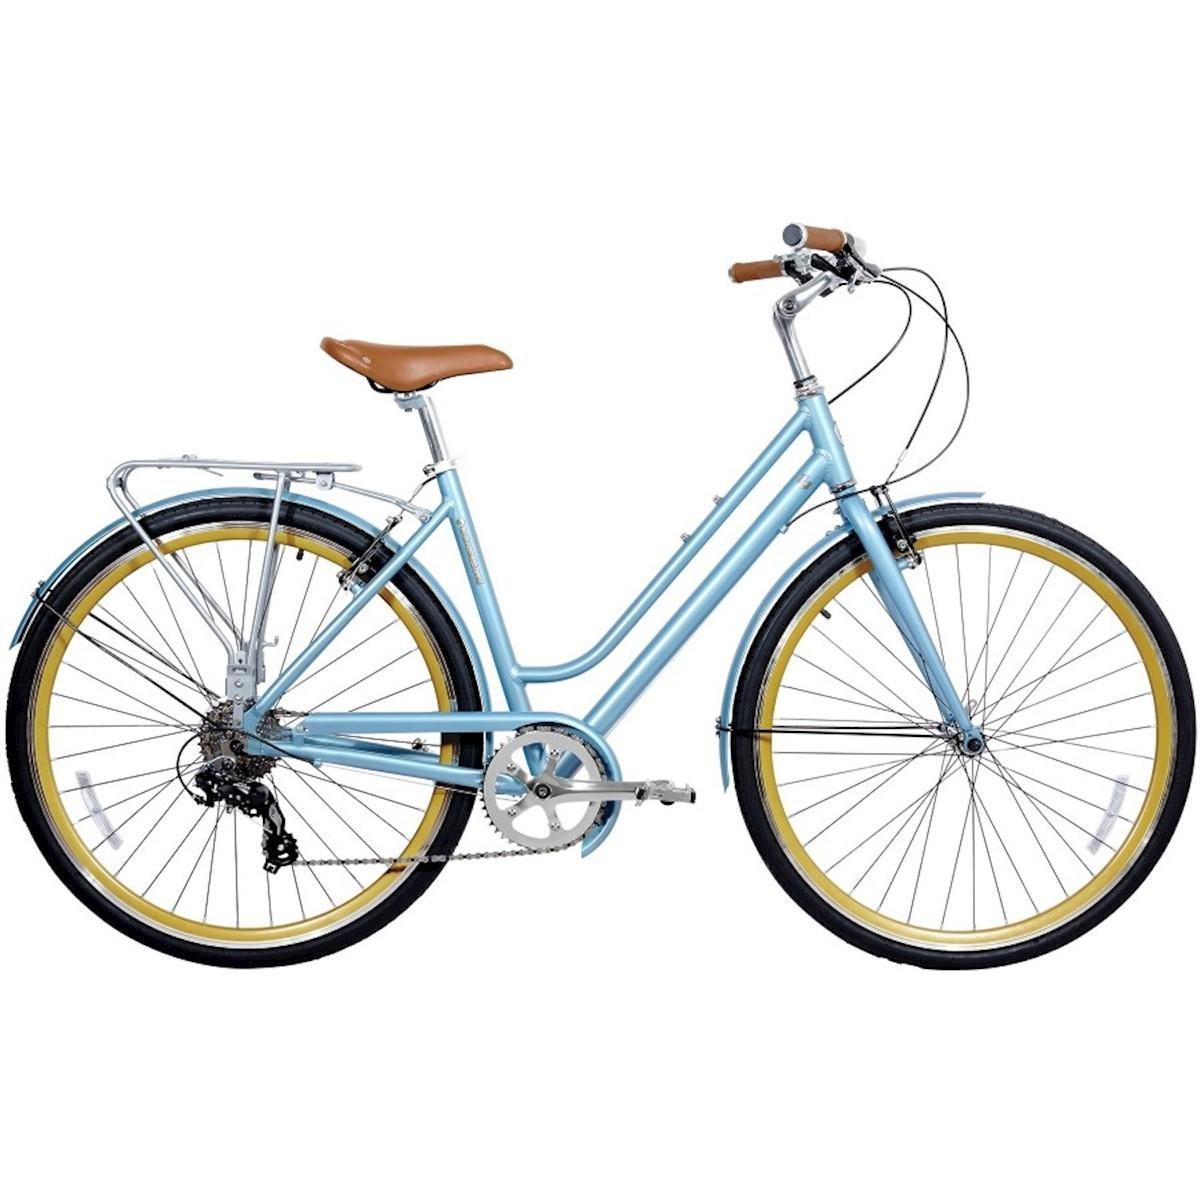 45ae24543 Bicicleta Feminina Gama Metropole Aro 700 Cielo - Compre Agora ...